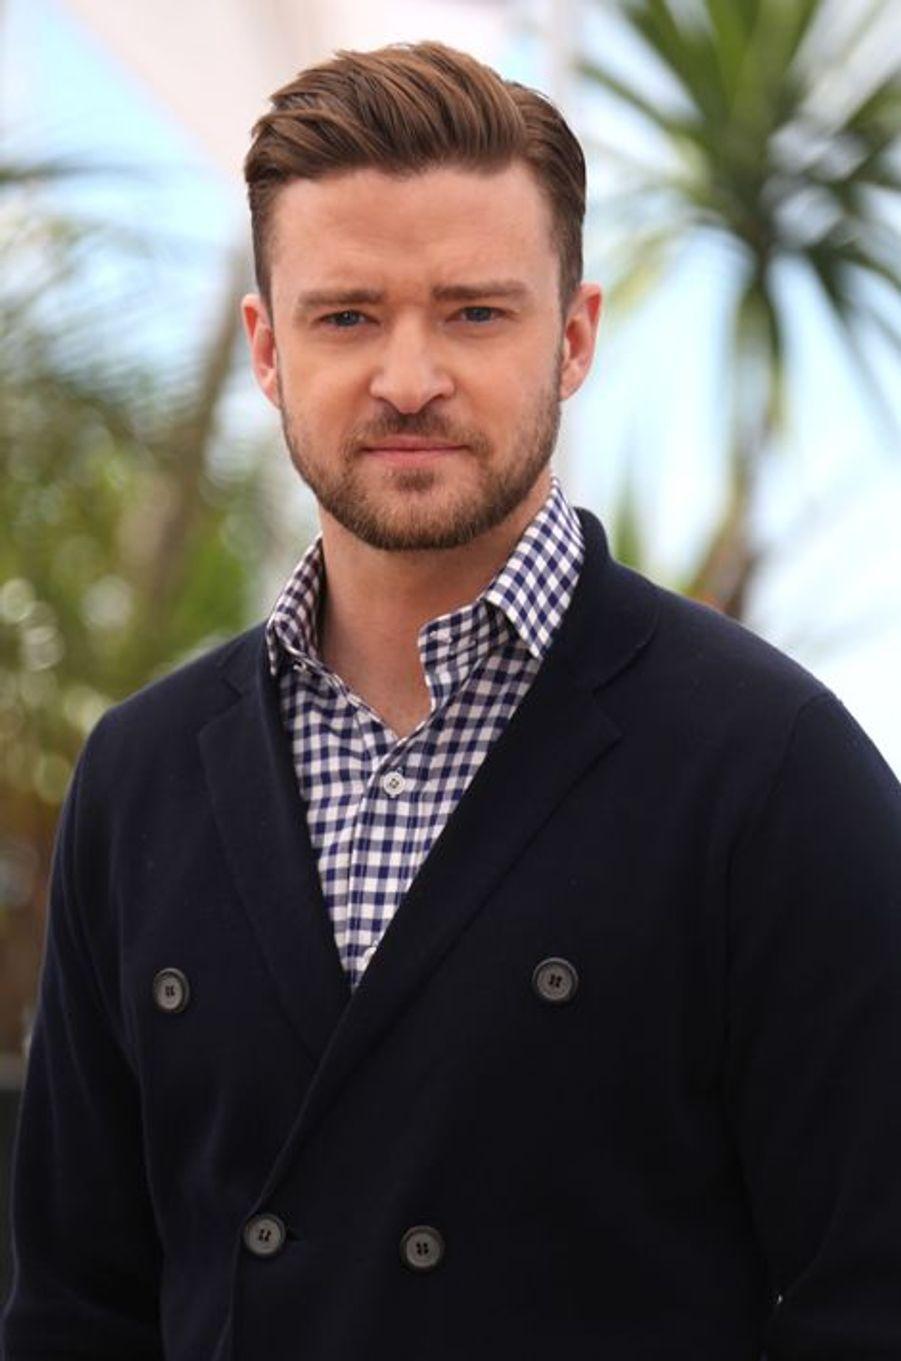 Vedette bankable de la musique américaine, l'époux de Jessica Biel n'était pas très populaire à l'école. Victime de harcèlement scolaire pendant de longues années, Justin Timberlake a souvent été pris pour cible par les filles. «Je me faisais embêter constamment. J'avais de l'acné et des cheveux bizarres. Des détails qui n'aident pas !», expliquait-il en 2011 à Ellen DeGeneres.